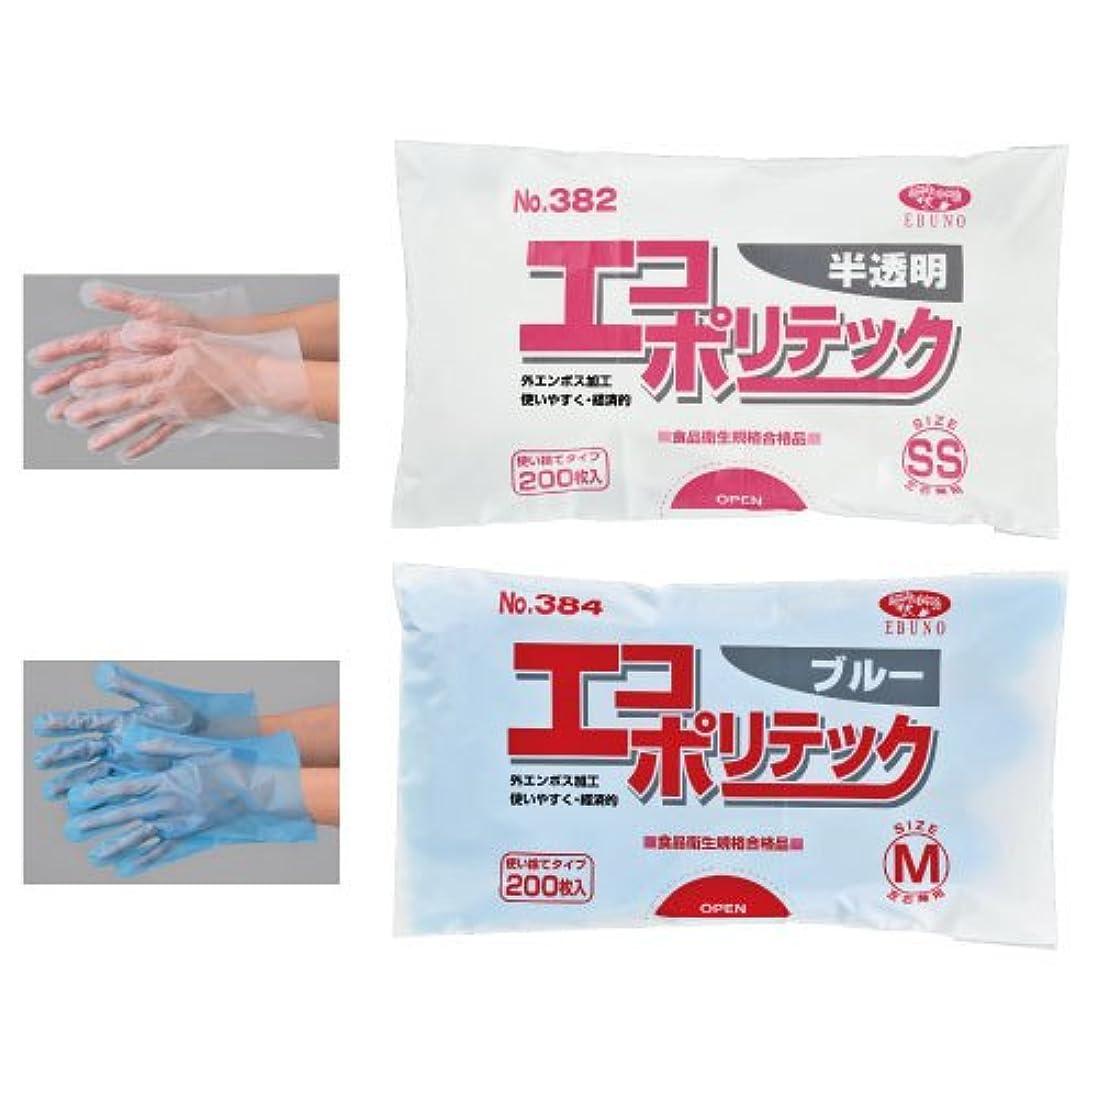 ビジター割り当てる嵐のエブノ ポリエチレン手袋 No.382 M 半透明 (200枚×30袋) エコポリテック 袋入